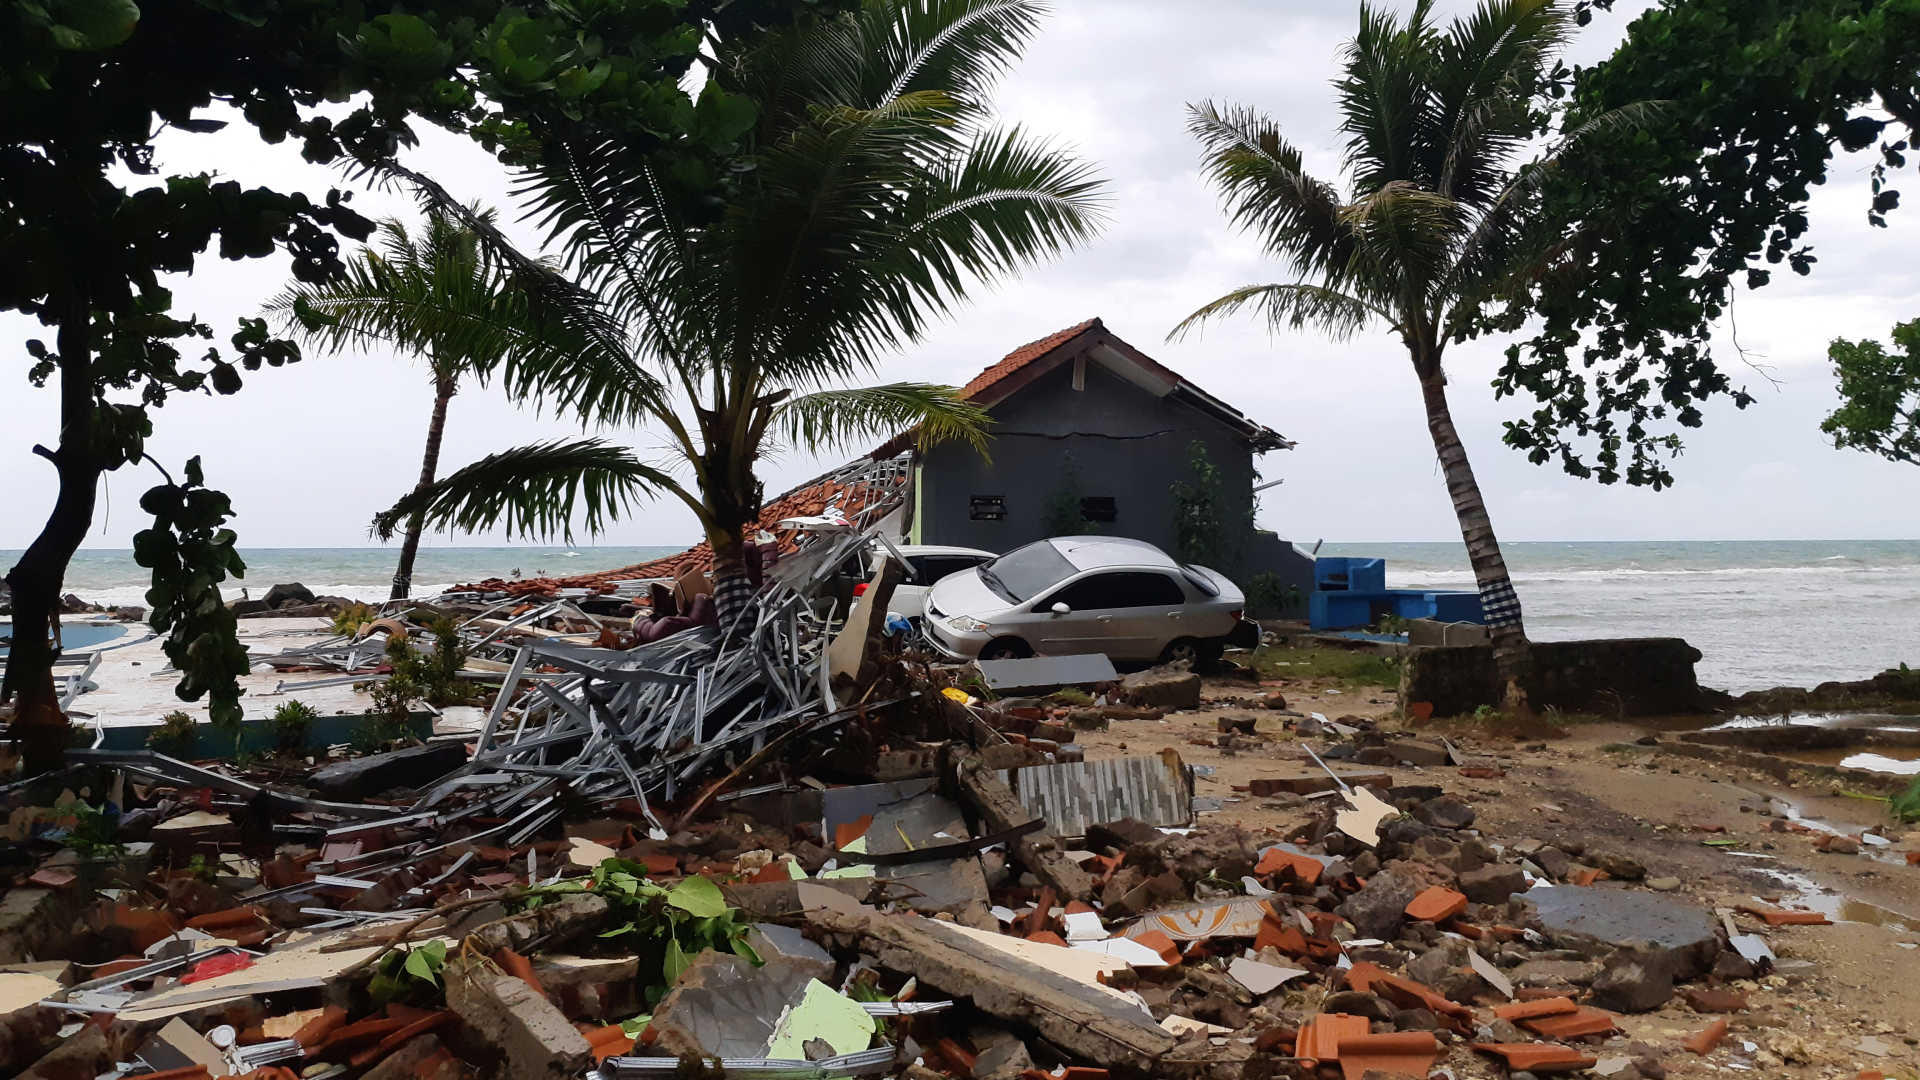 - Indonesia  - O mar invadiu a terra e deixou rasto de destruição na Indonésia